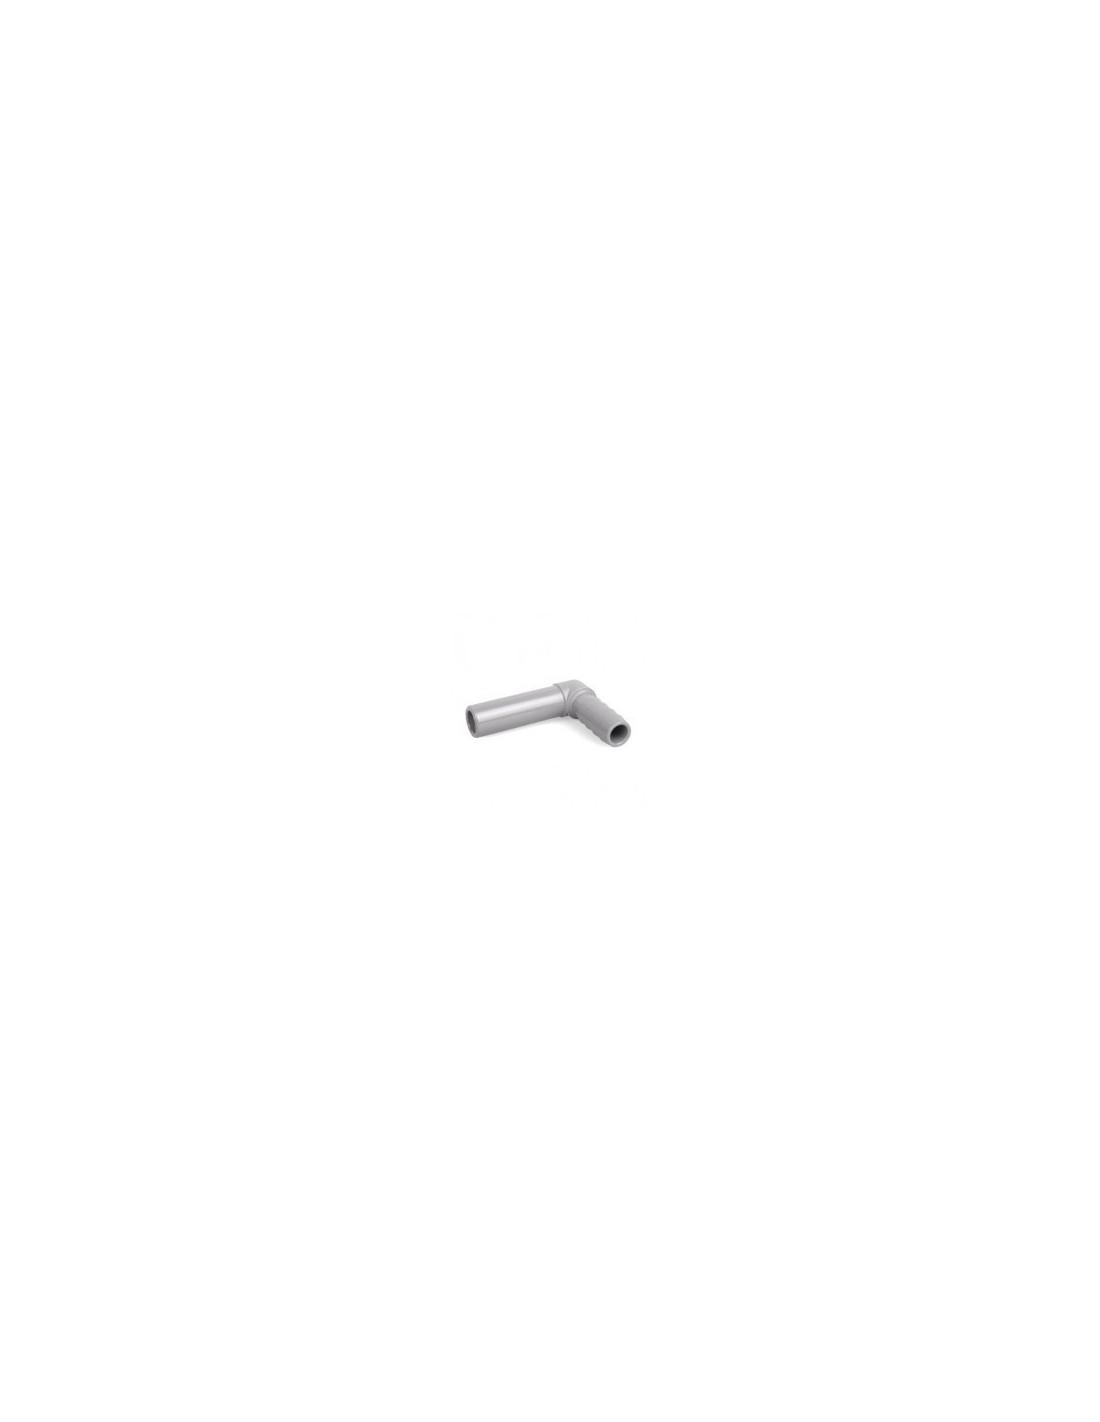 """SPO00121 - JG tube to hose elbow elbow reducer 9.5 x 8 mm (3/8"""" x 5/16"""") (PI291210S)"""